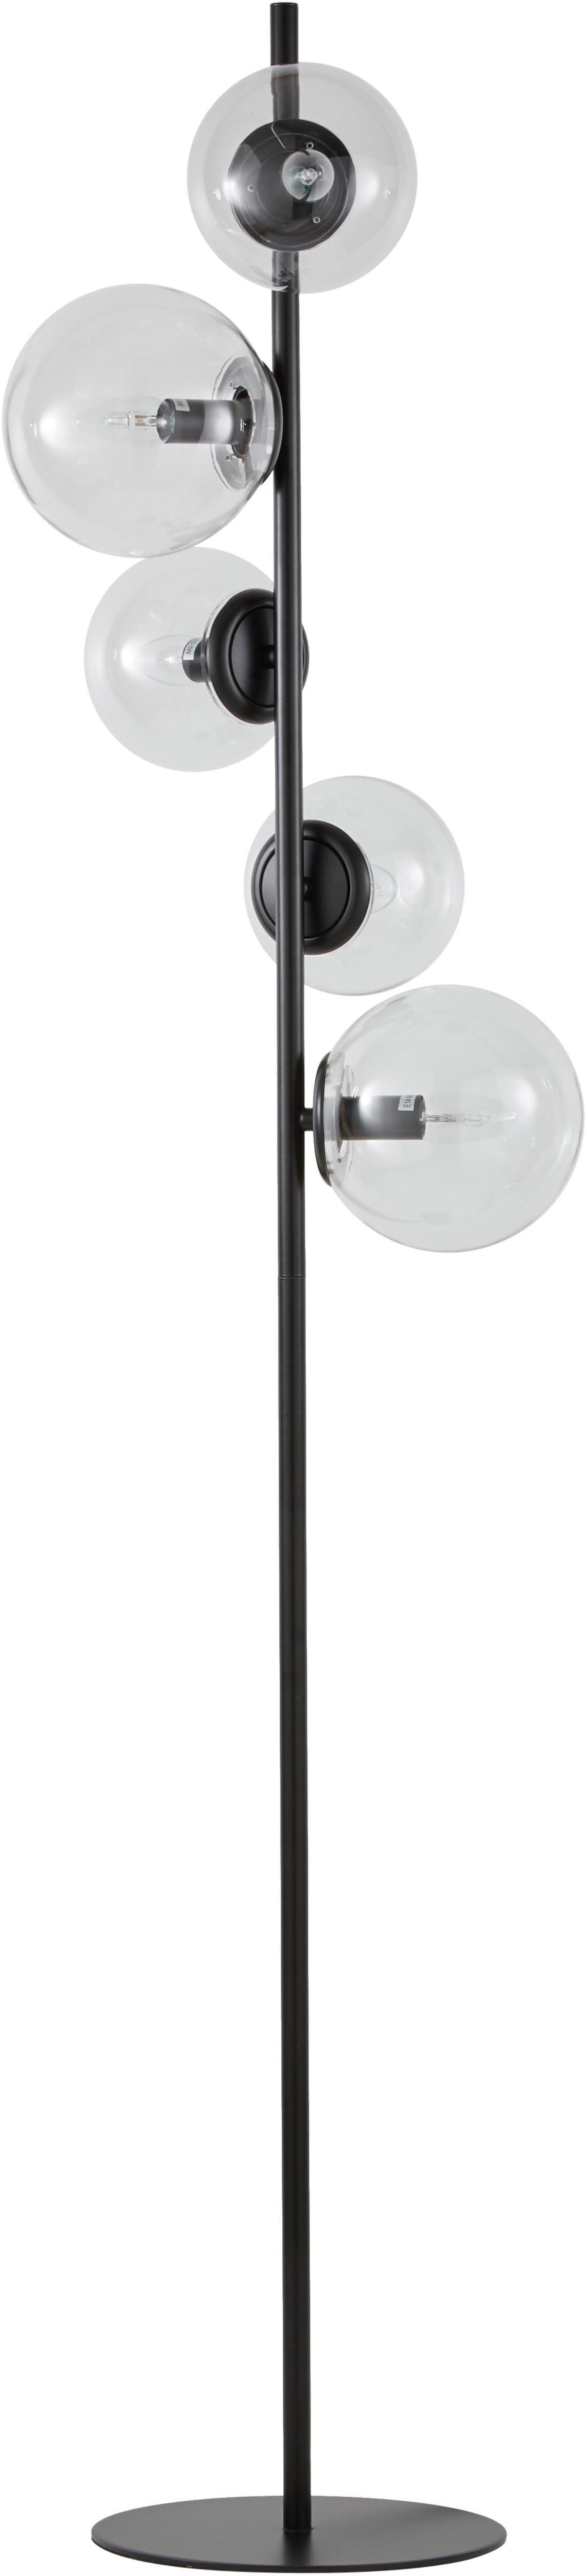 Vloerlamp Casey, Lampvoet: gepoedercoat metaal, Zwart, H 170 cm